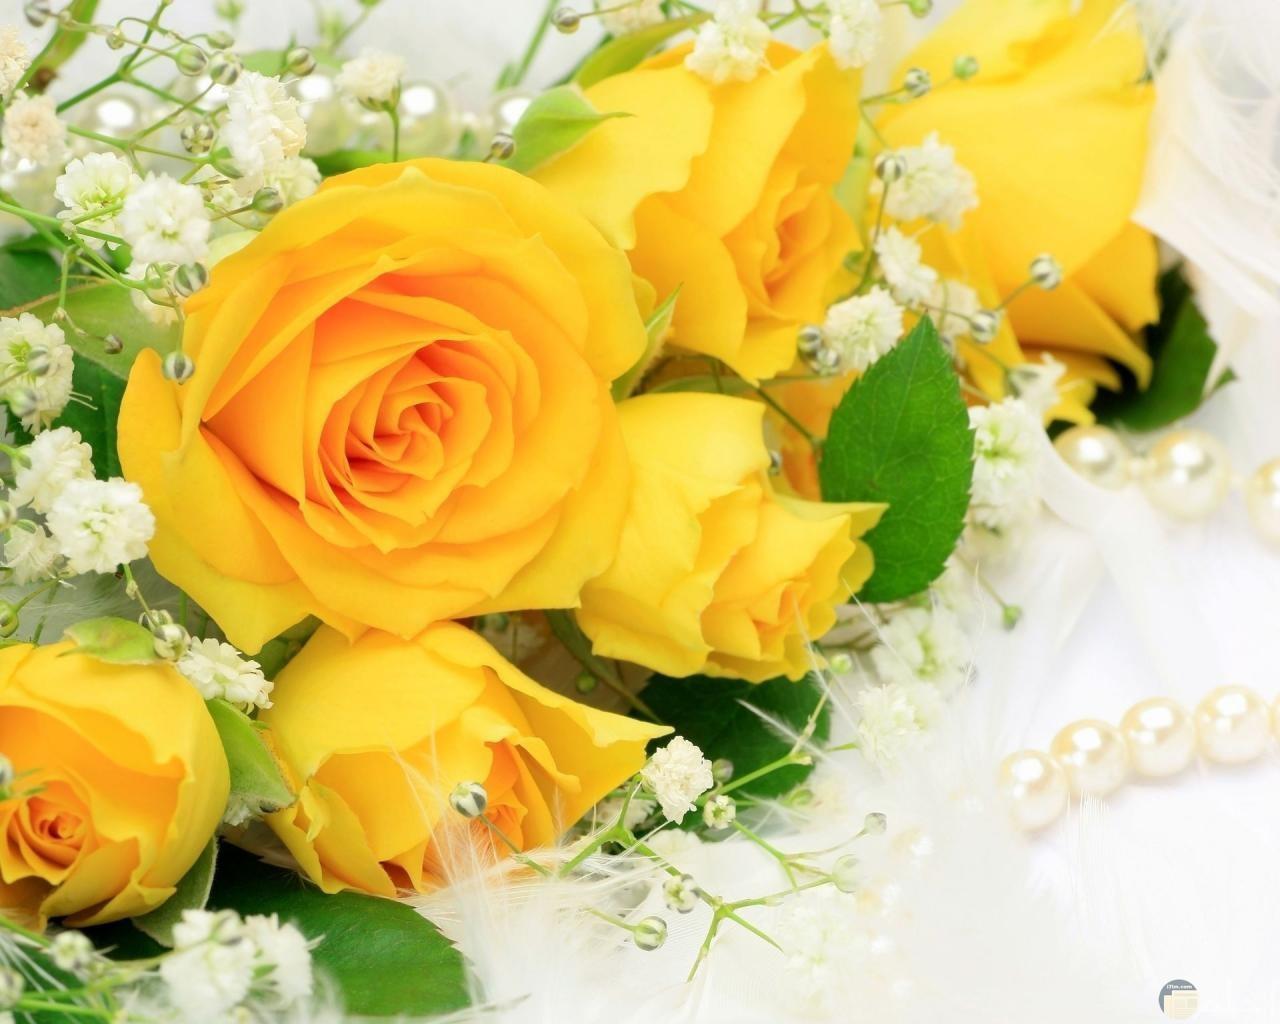 ورد اصفر جميل جدا